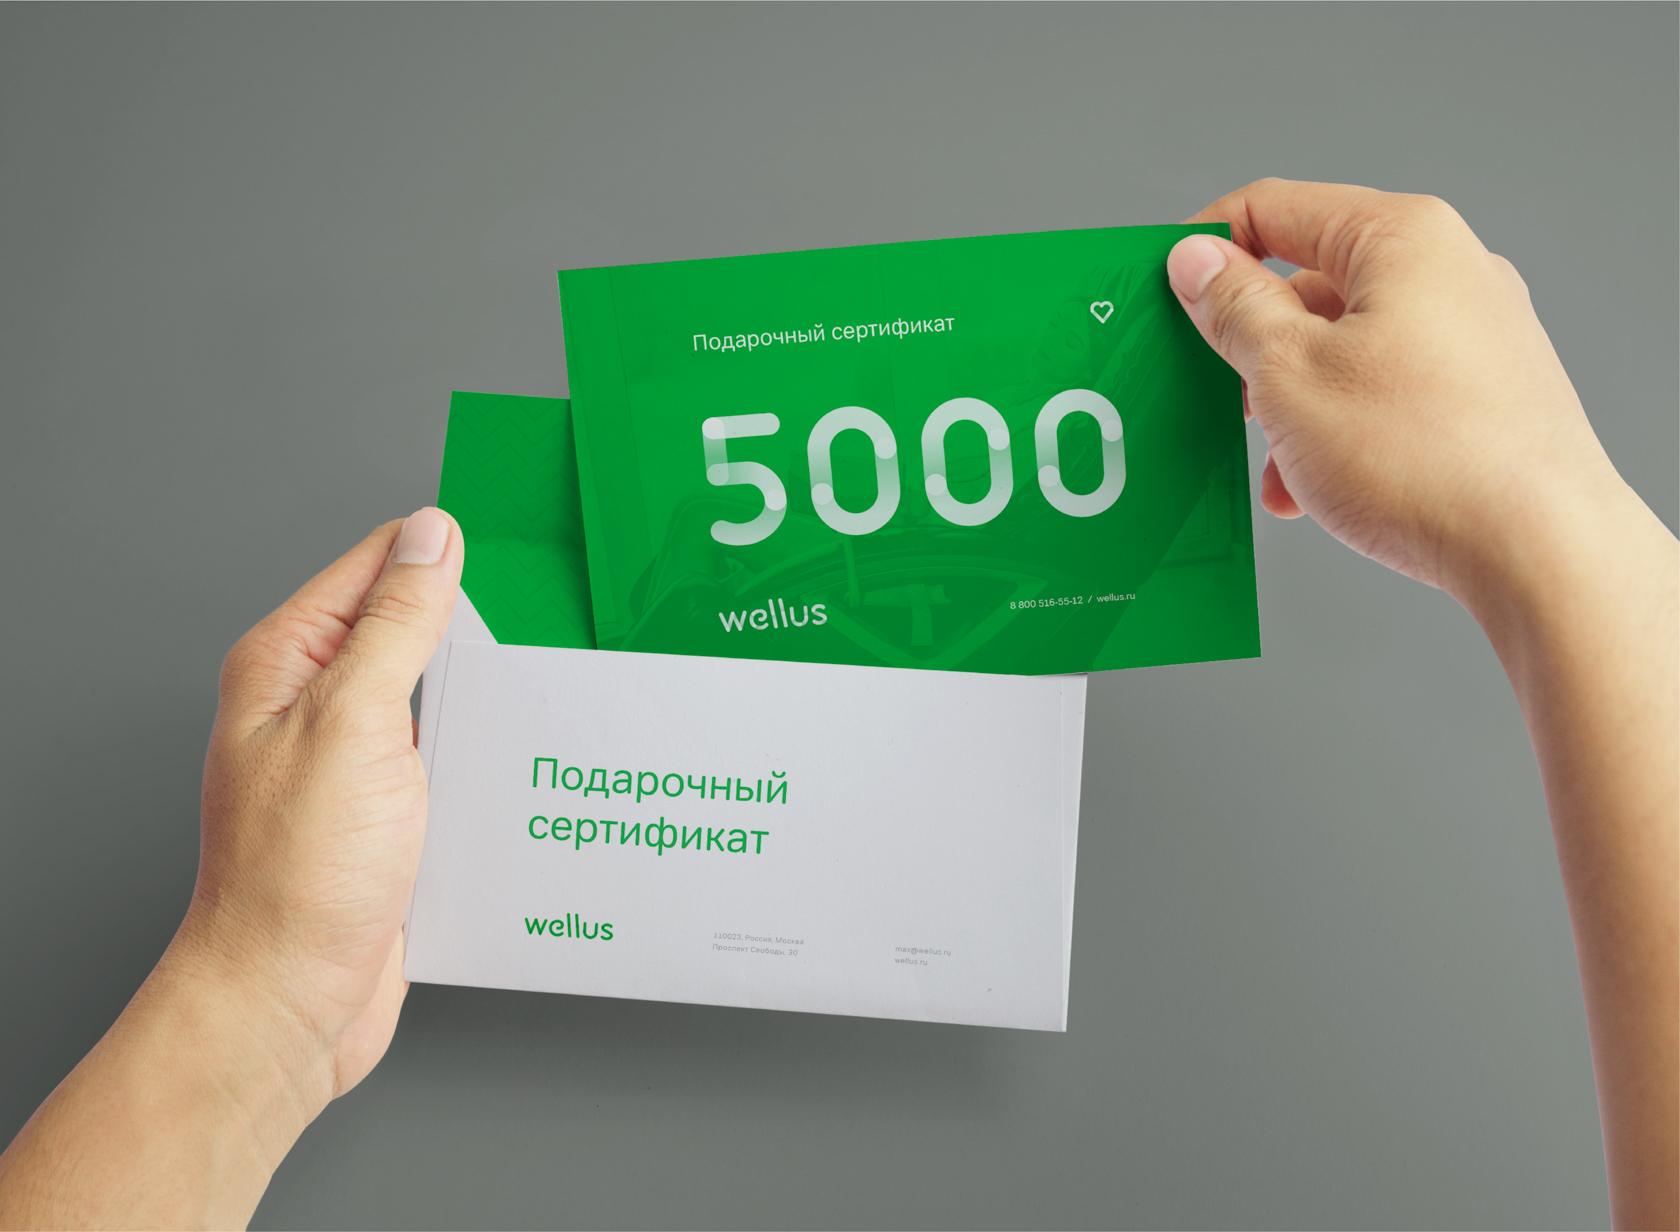 Дизайн конверта и подарочного сертификата